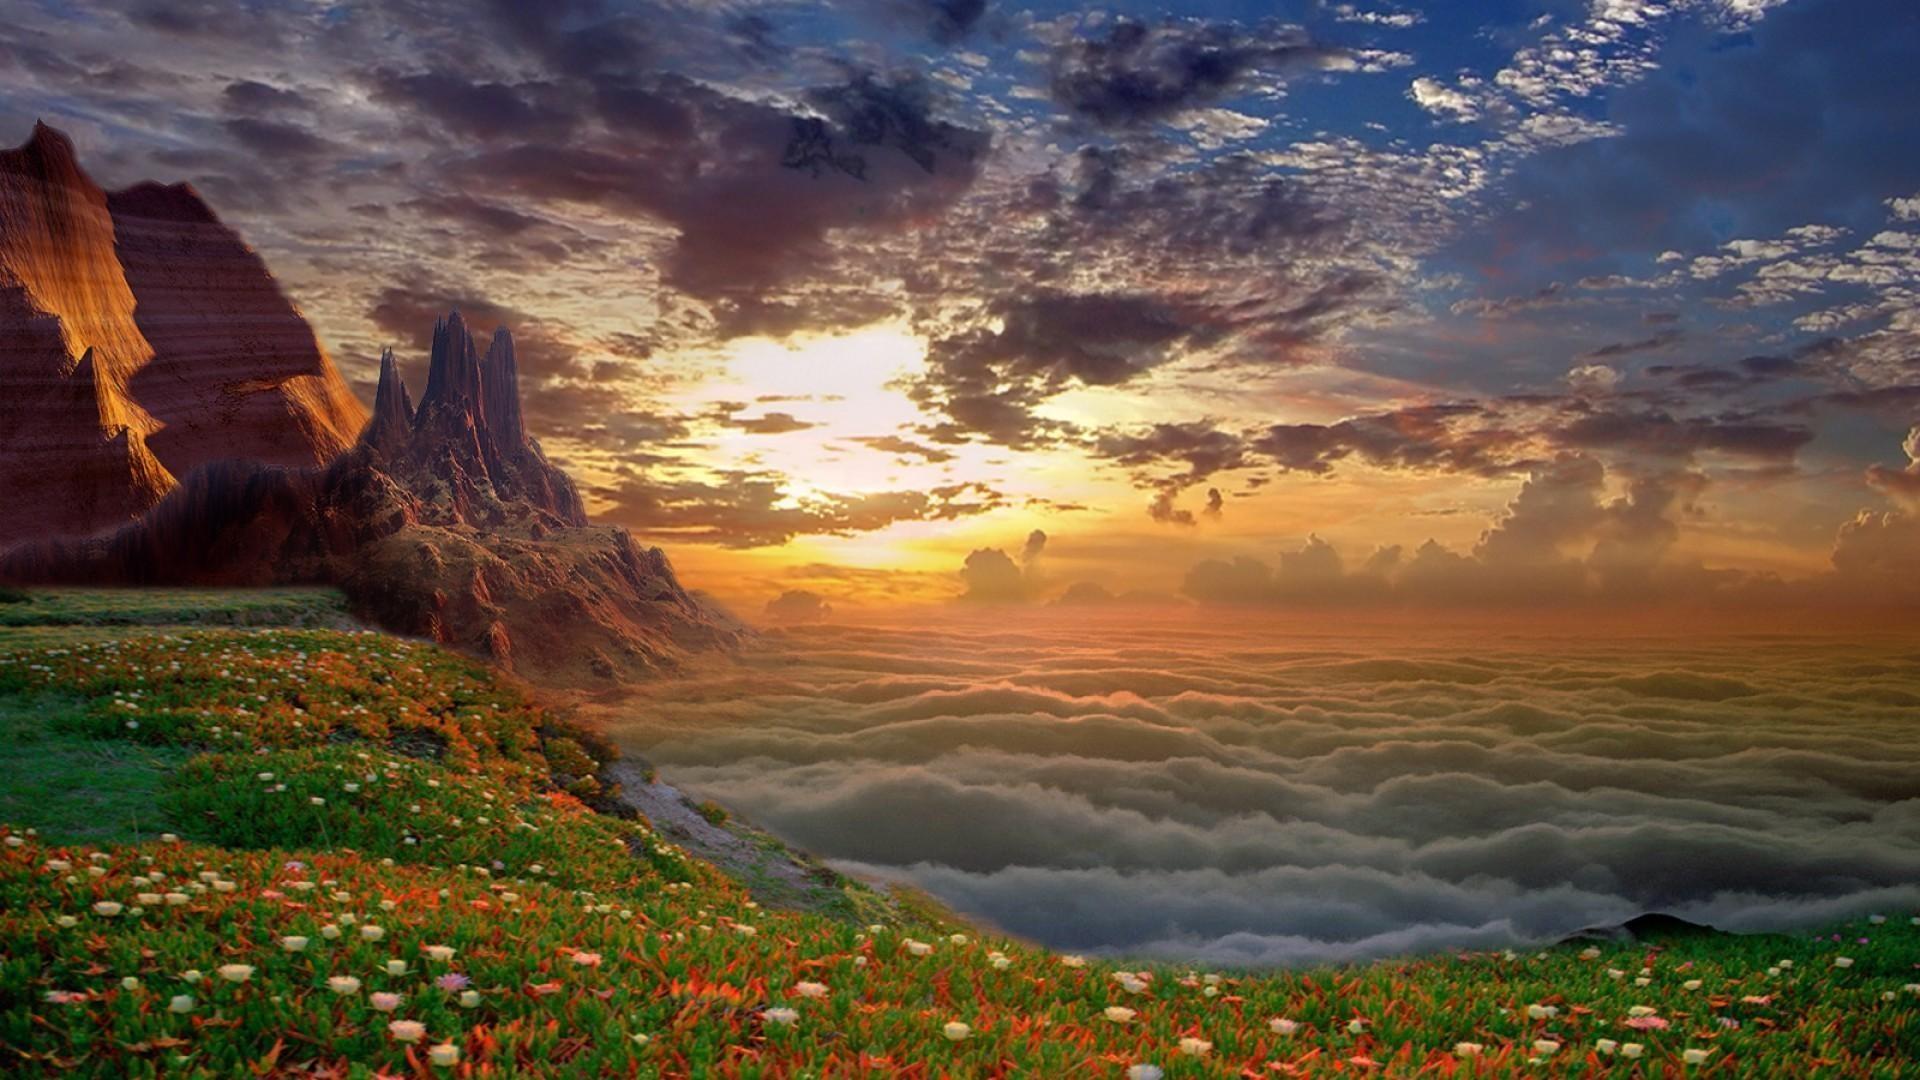 Heaven Wallpapers >